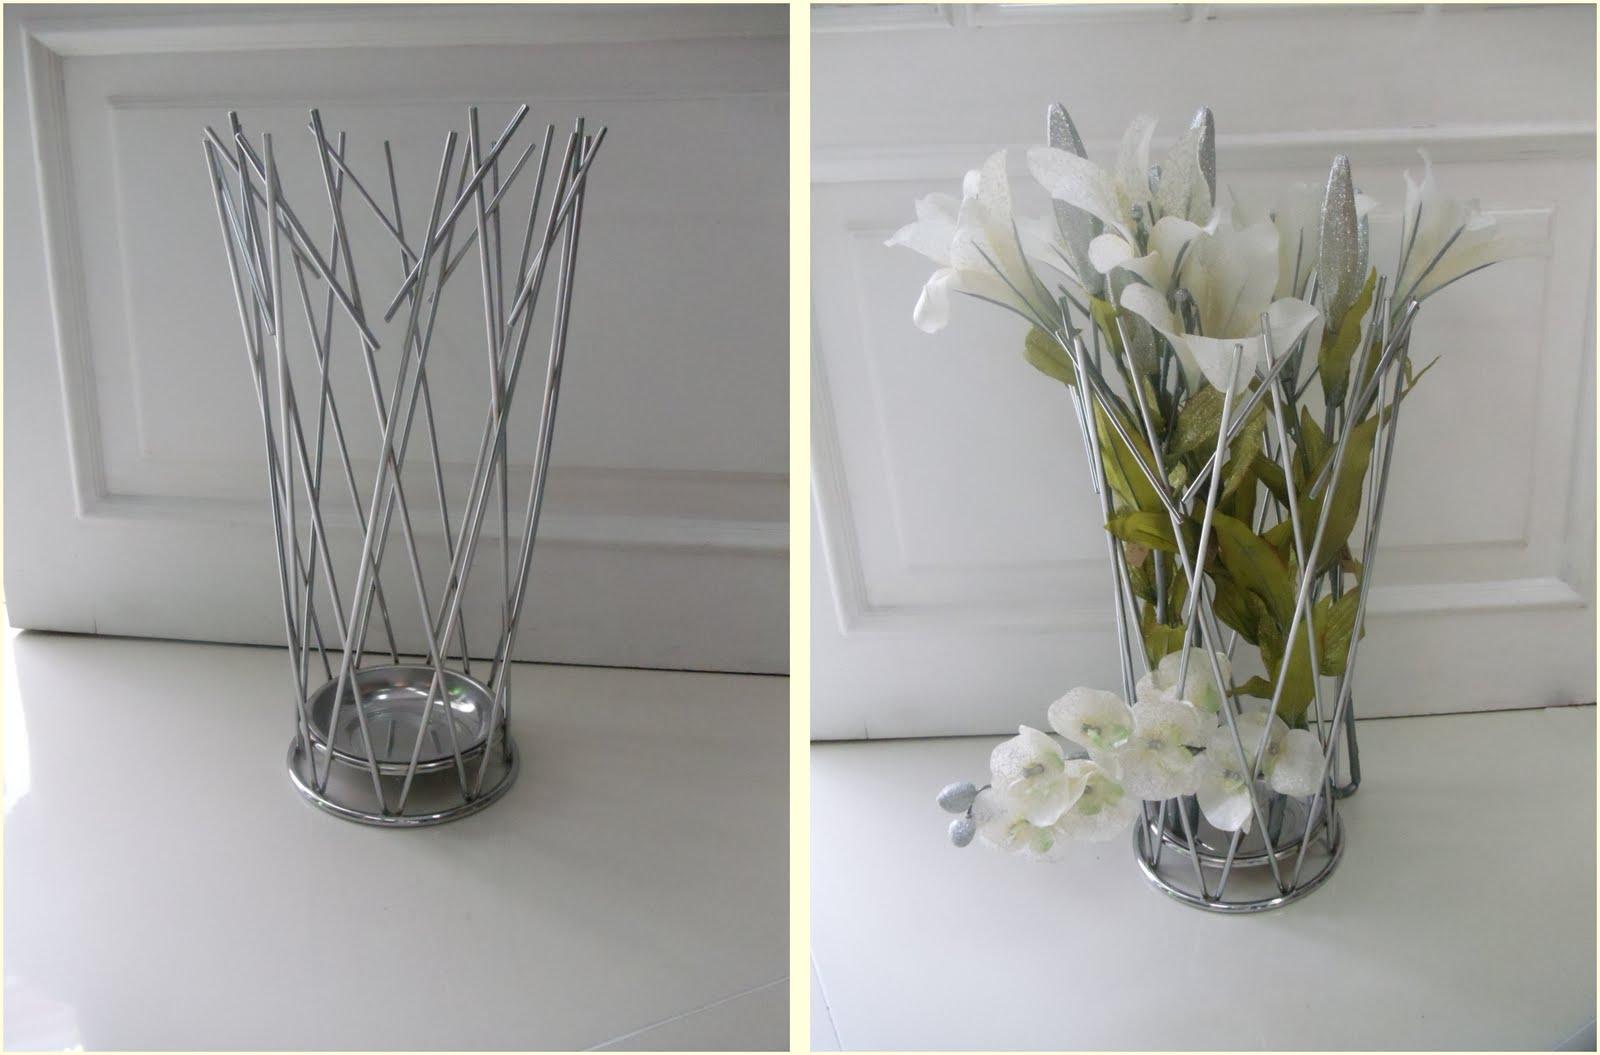 Convierte tu parag ero en un bonito jarr n de suelo para - Objetos decorativos modernos ...